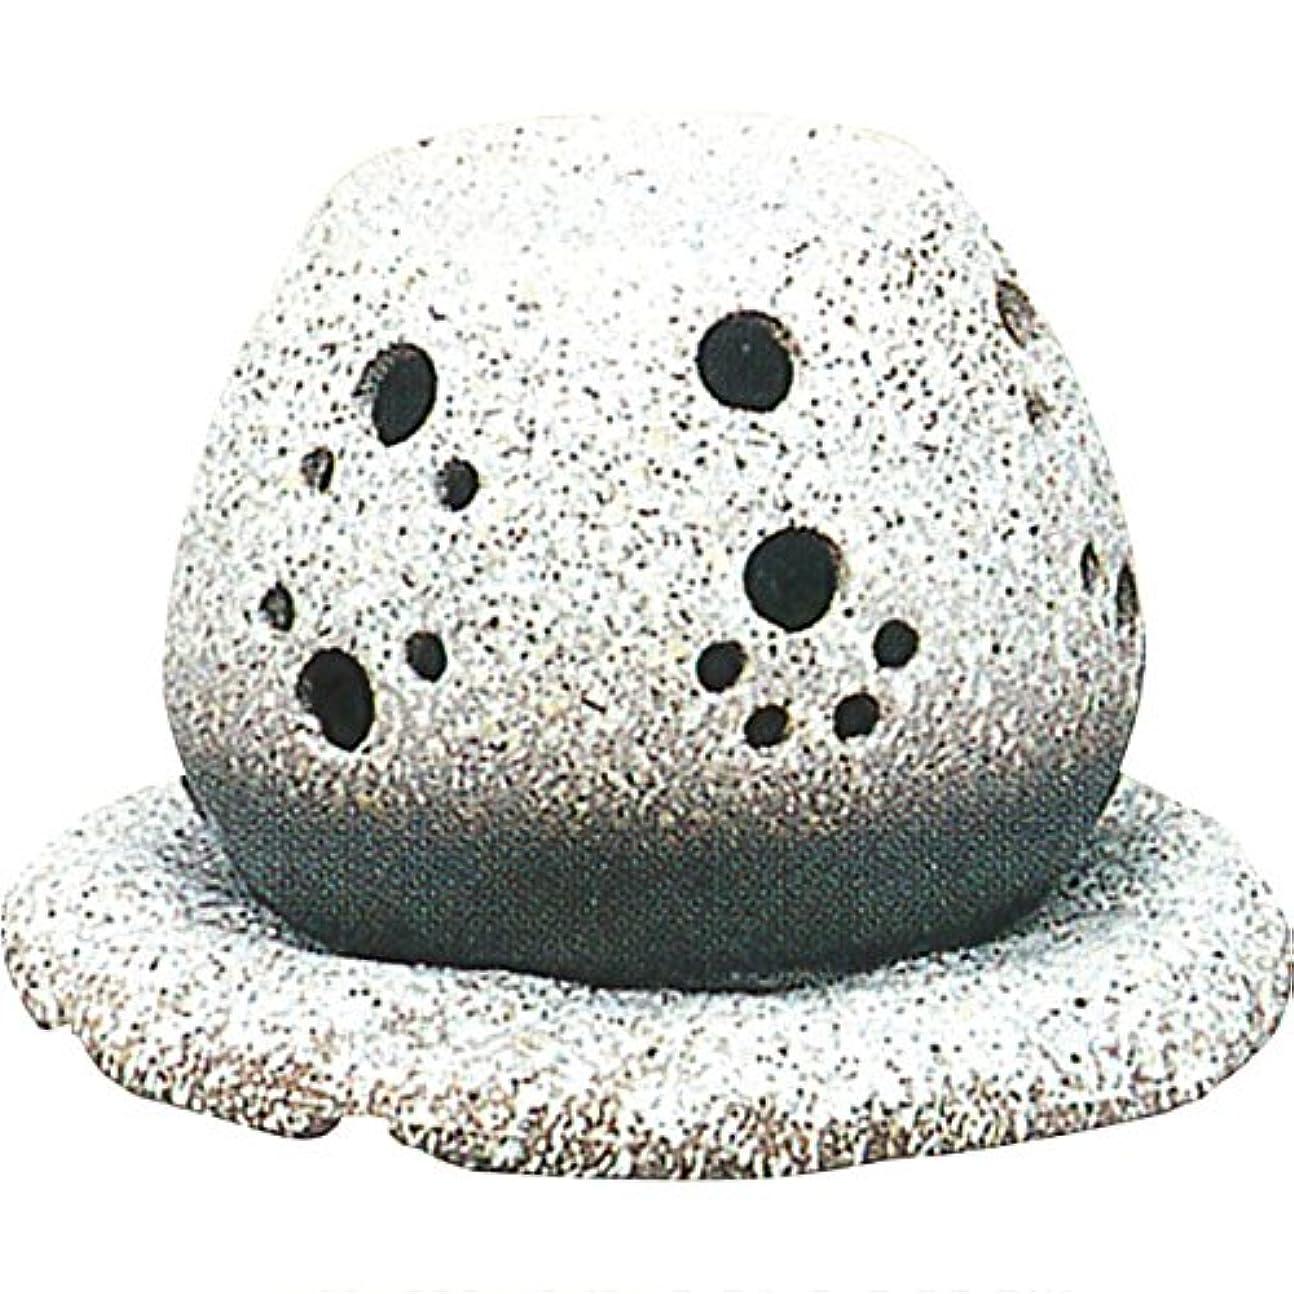 バクテリア嵐ハンドブック茶香炉 : 常滑焼 山房窯 ロウソクタイプ茶香炉 (白皿付?ロウソク1ヶ付)?ル35-05